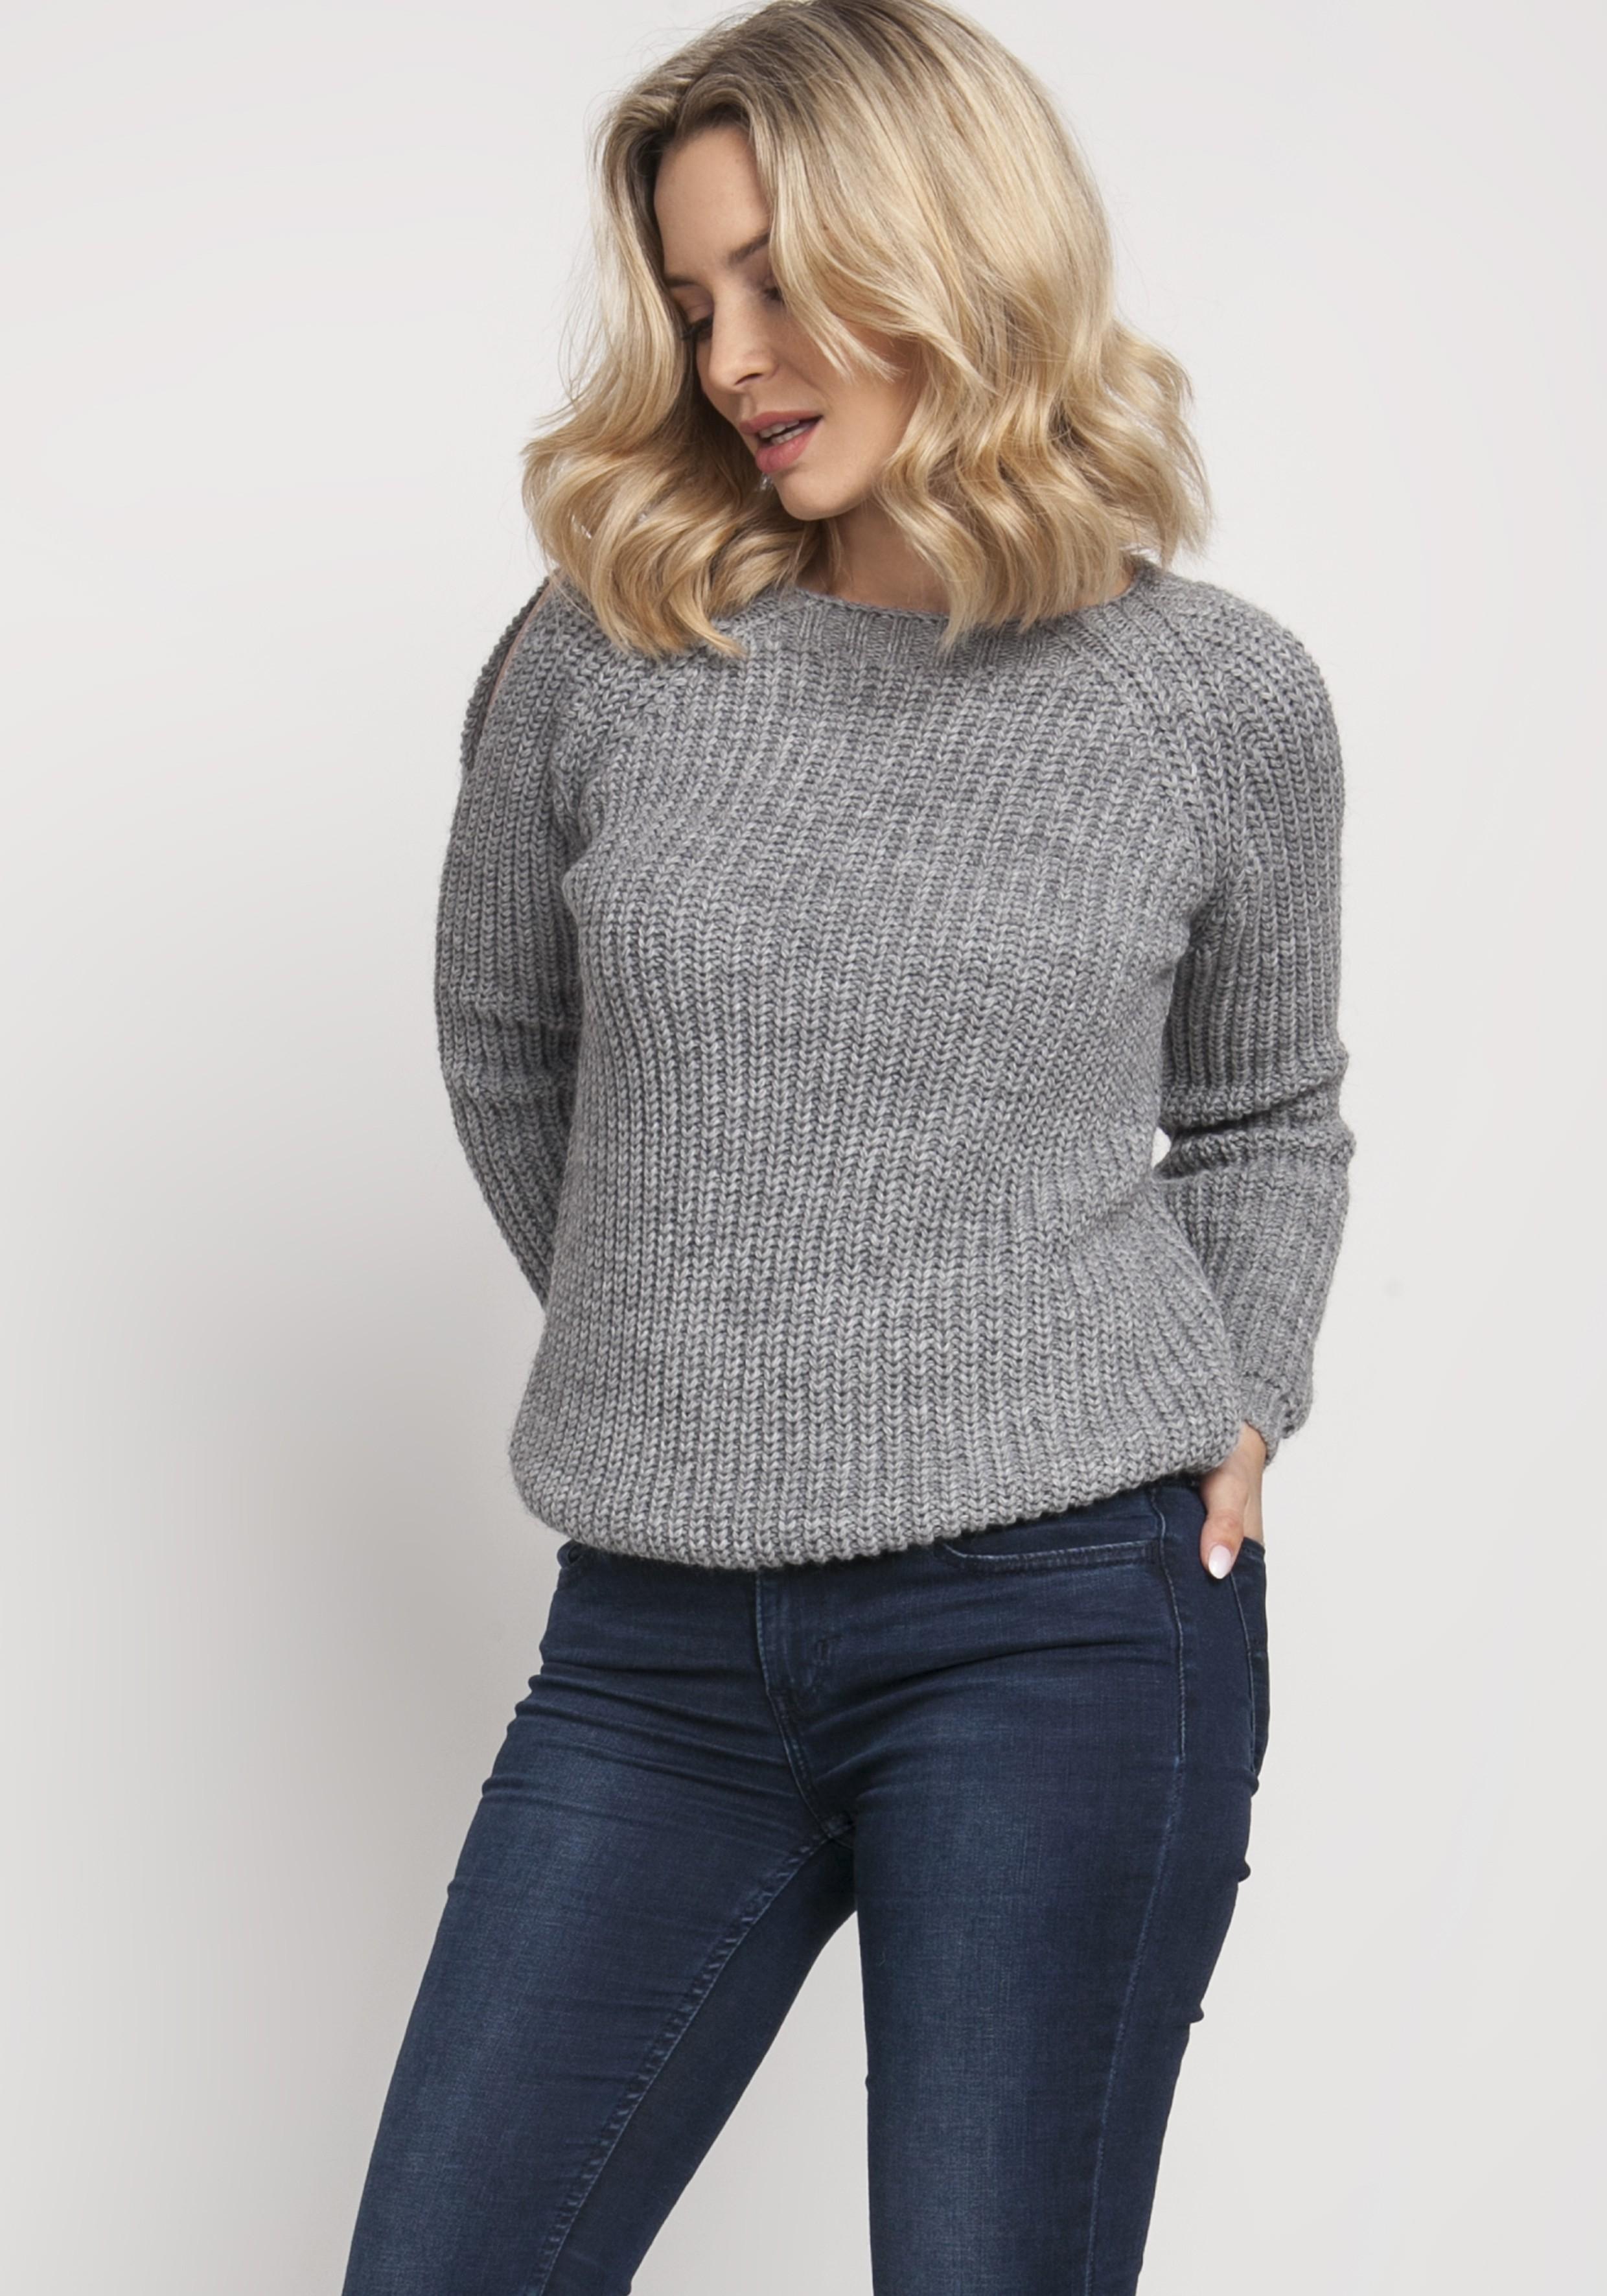 Pletený dámsky sivý sveter s otvormi na pleciach - S